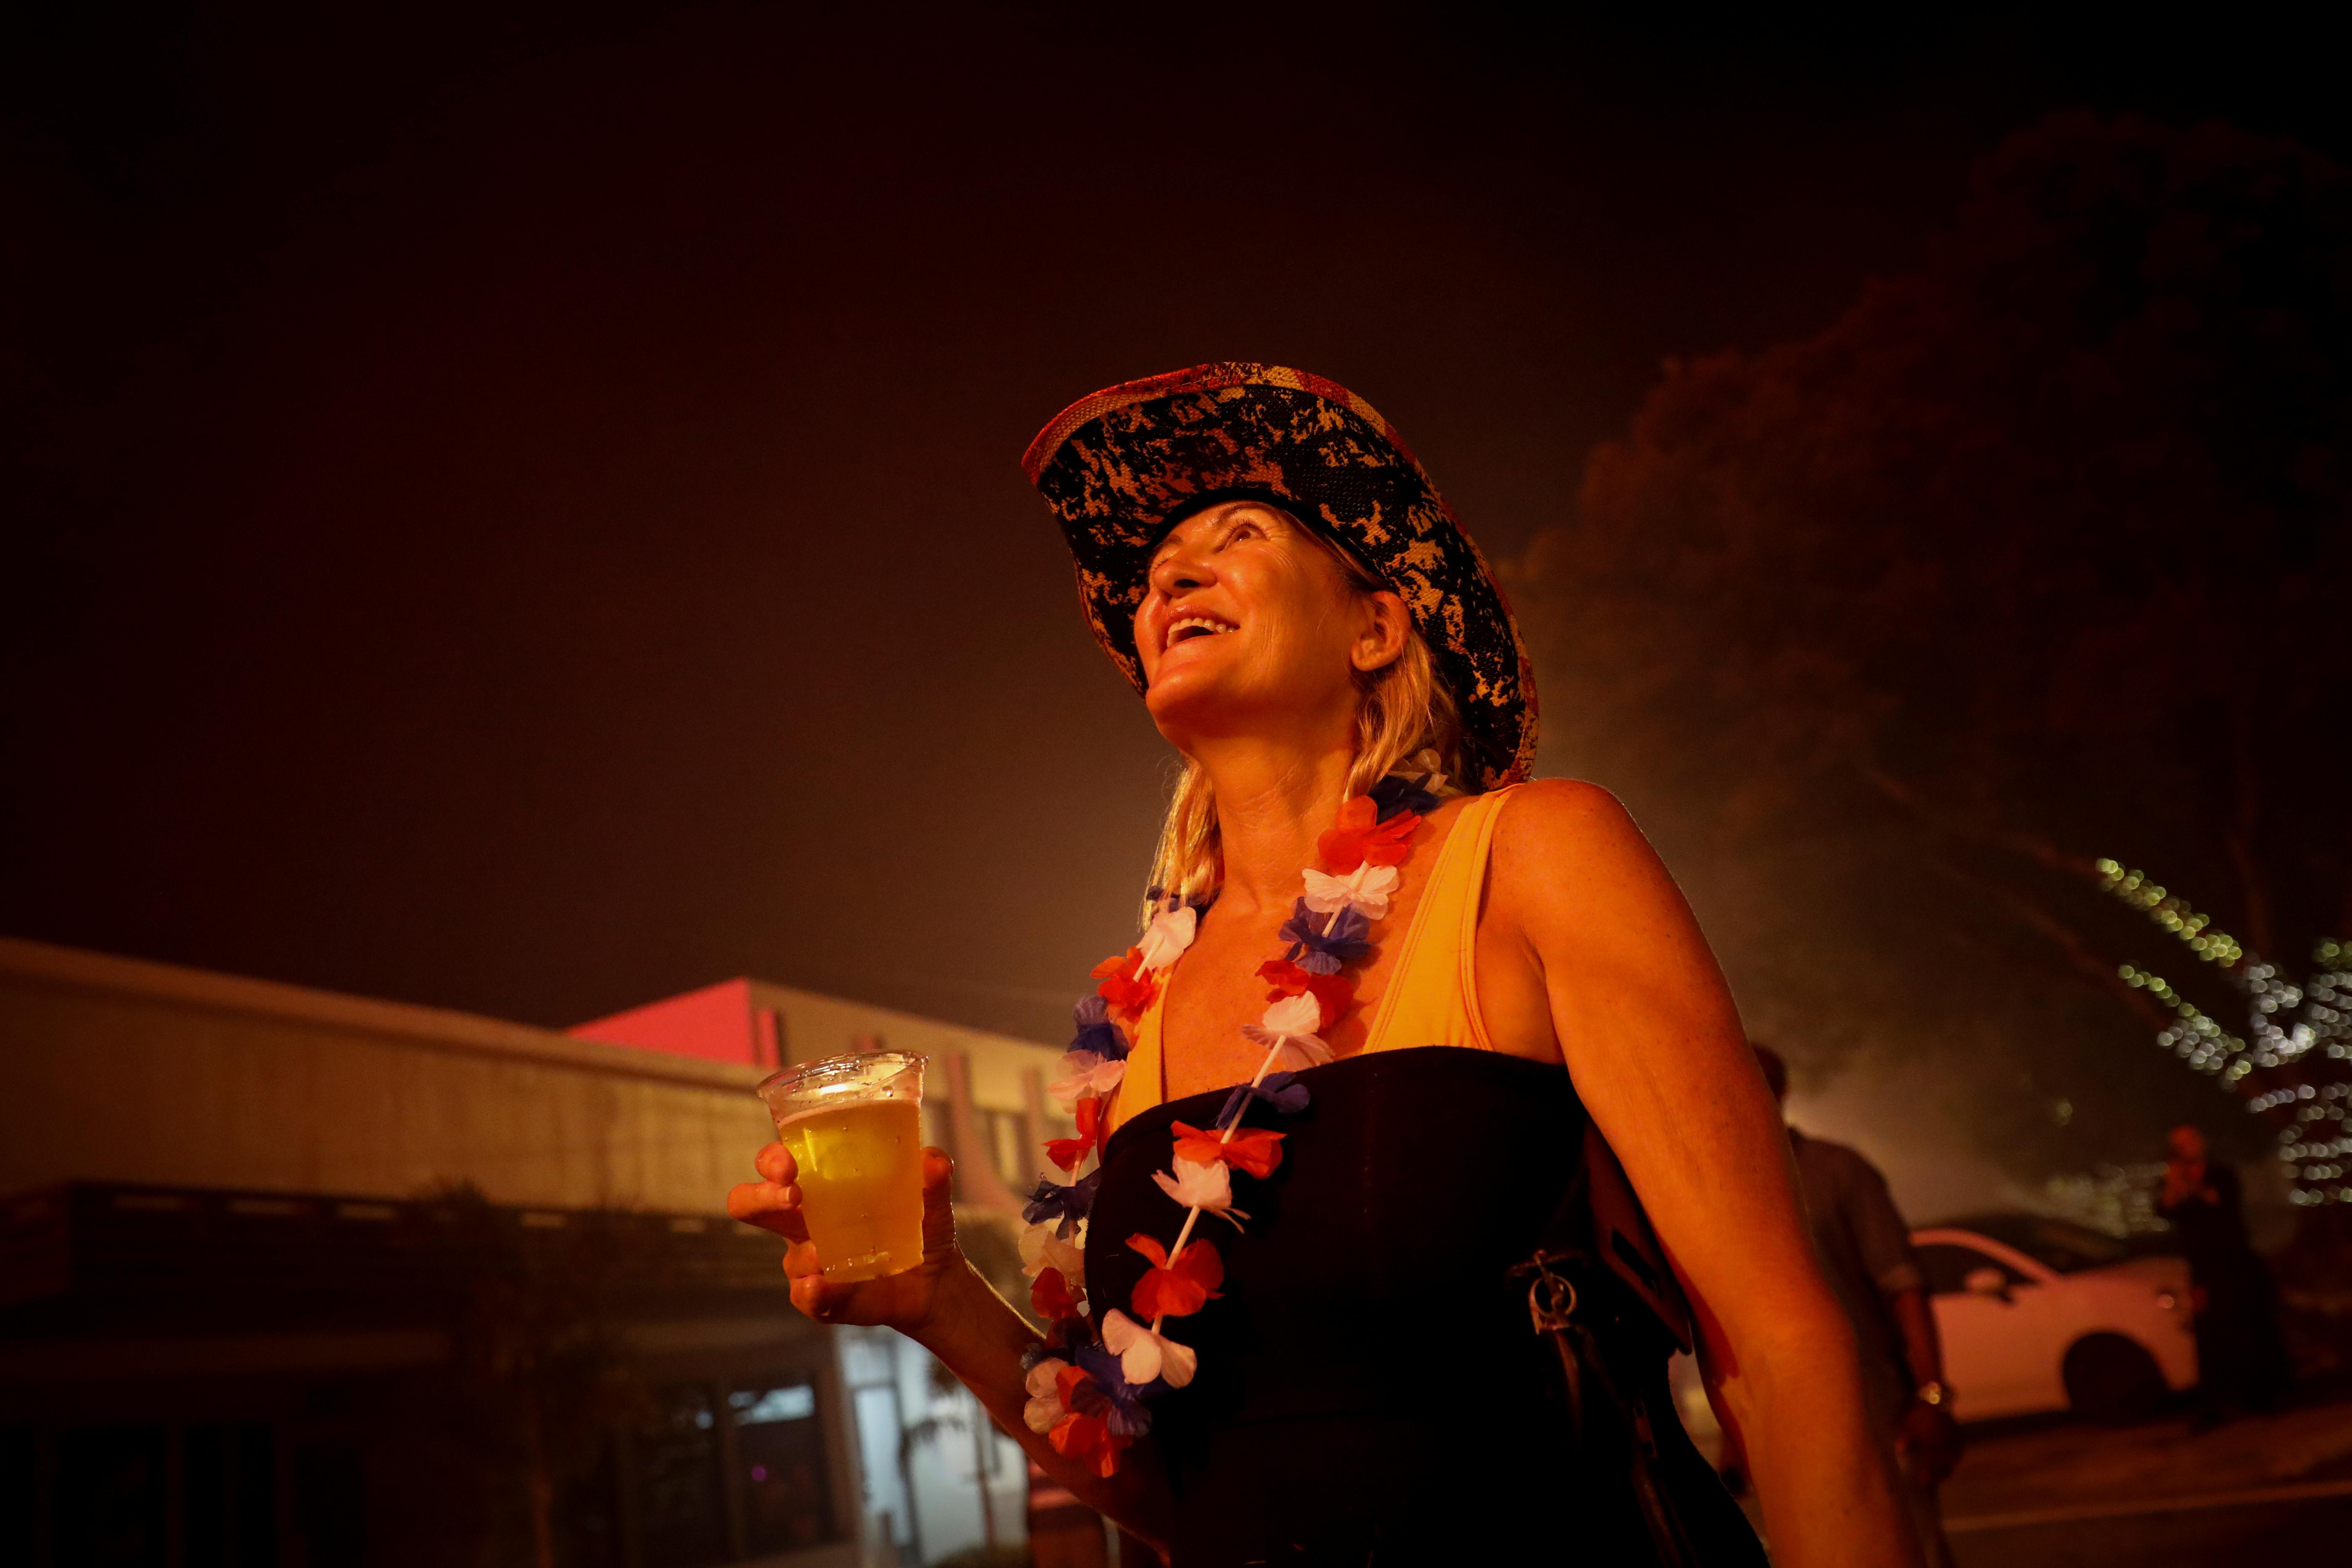 Una mujer contempla los fuegos artificiales